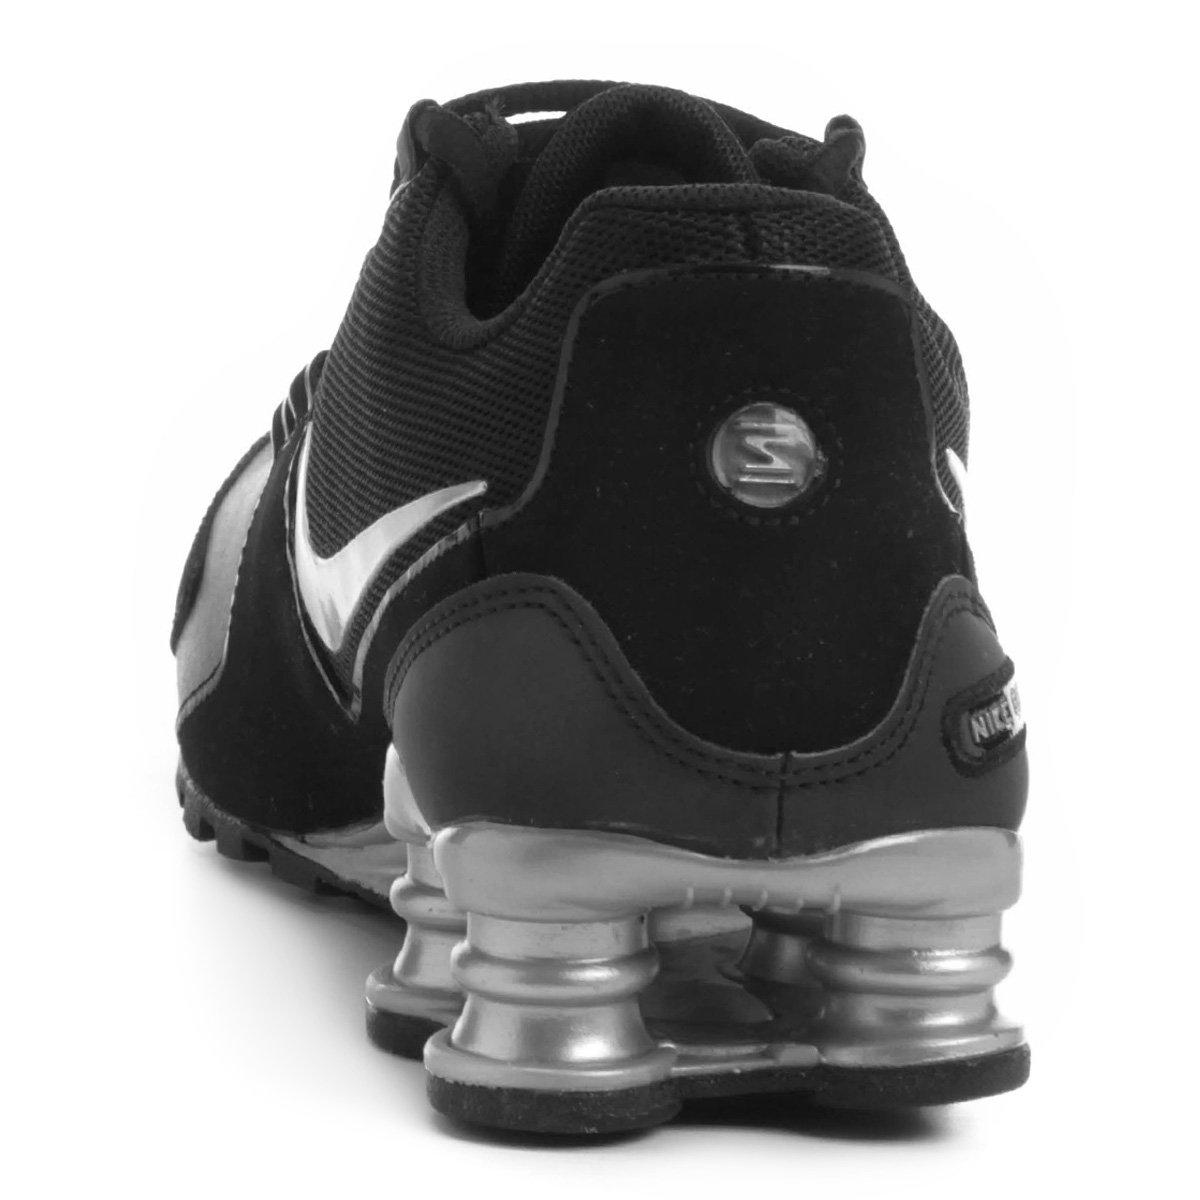 timeless design 85ae2 cd12a Tênis Couro Nike Shox Avenue LTR Masculino   Livelo -Sua Vida com Mais  Recompensas